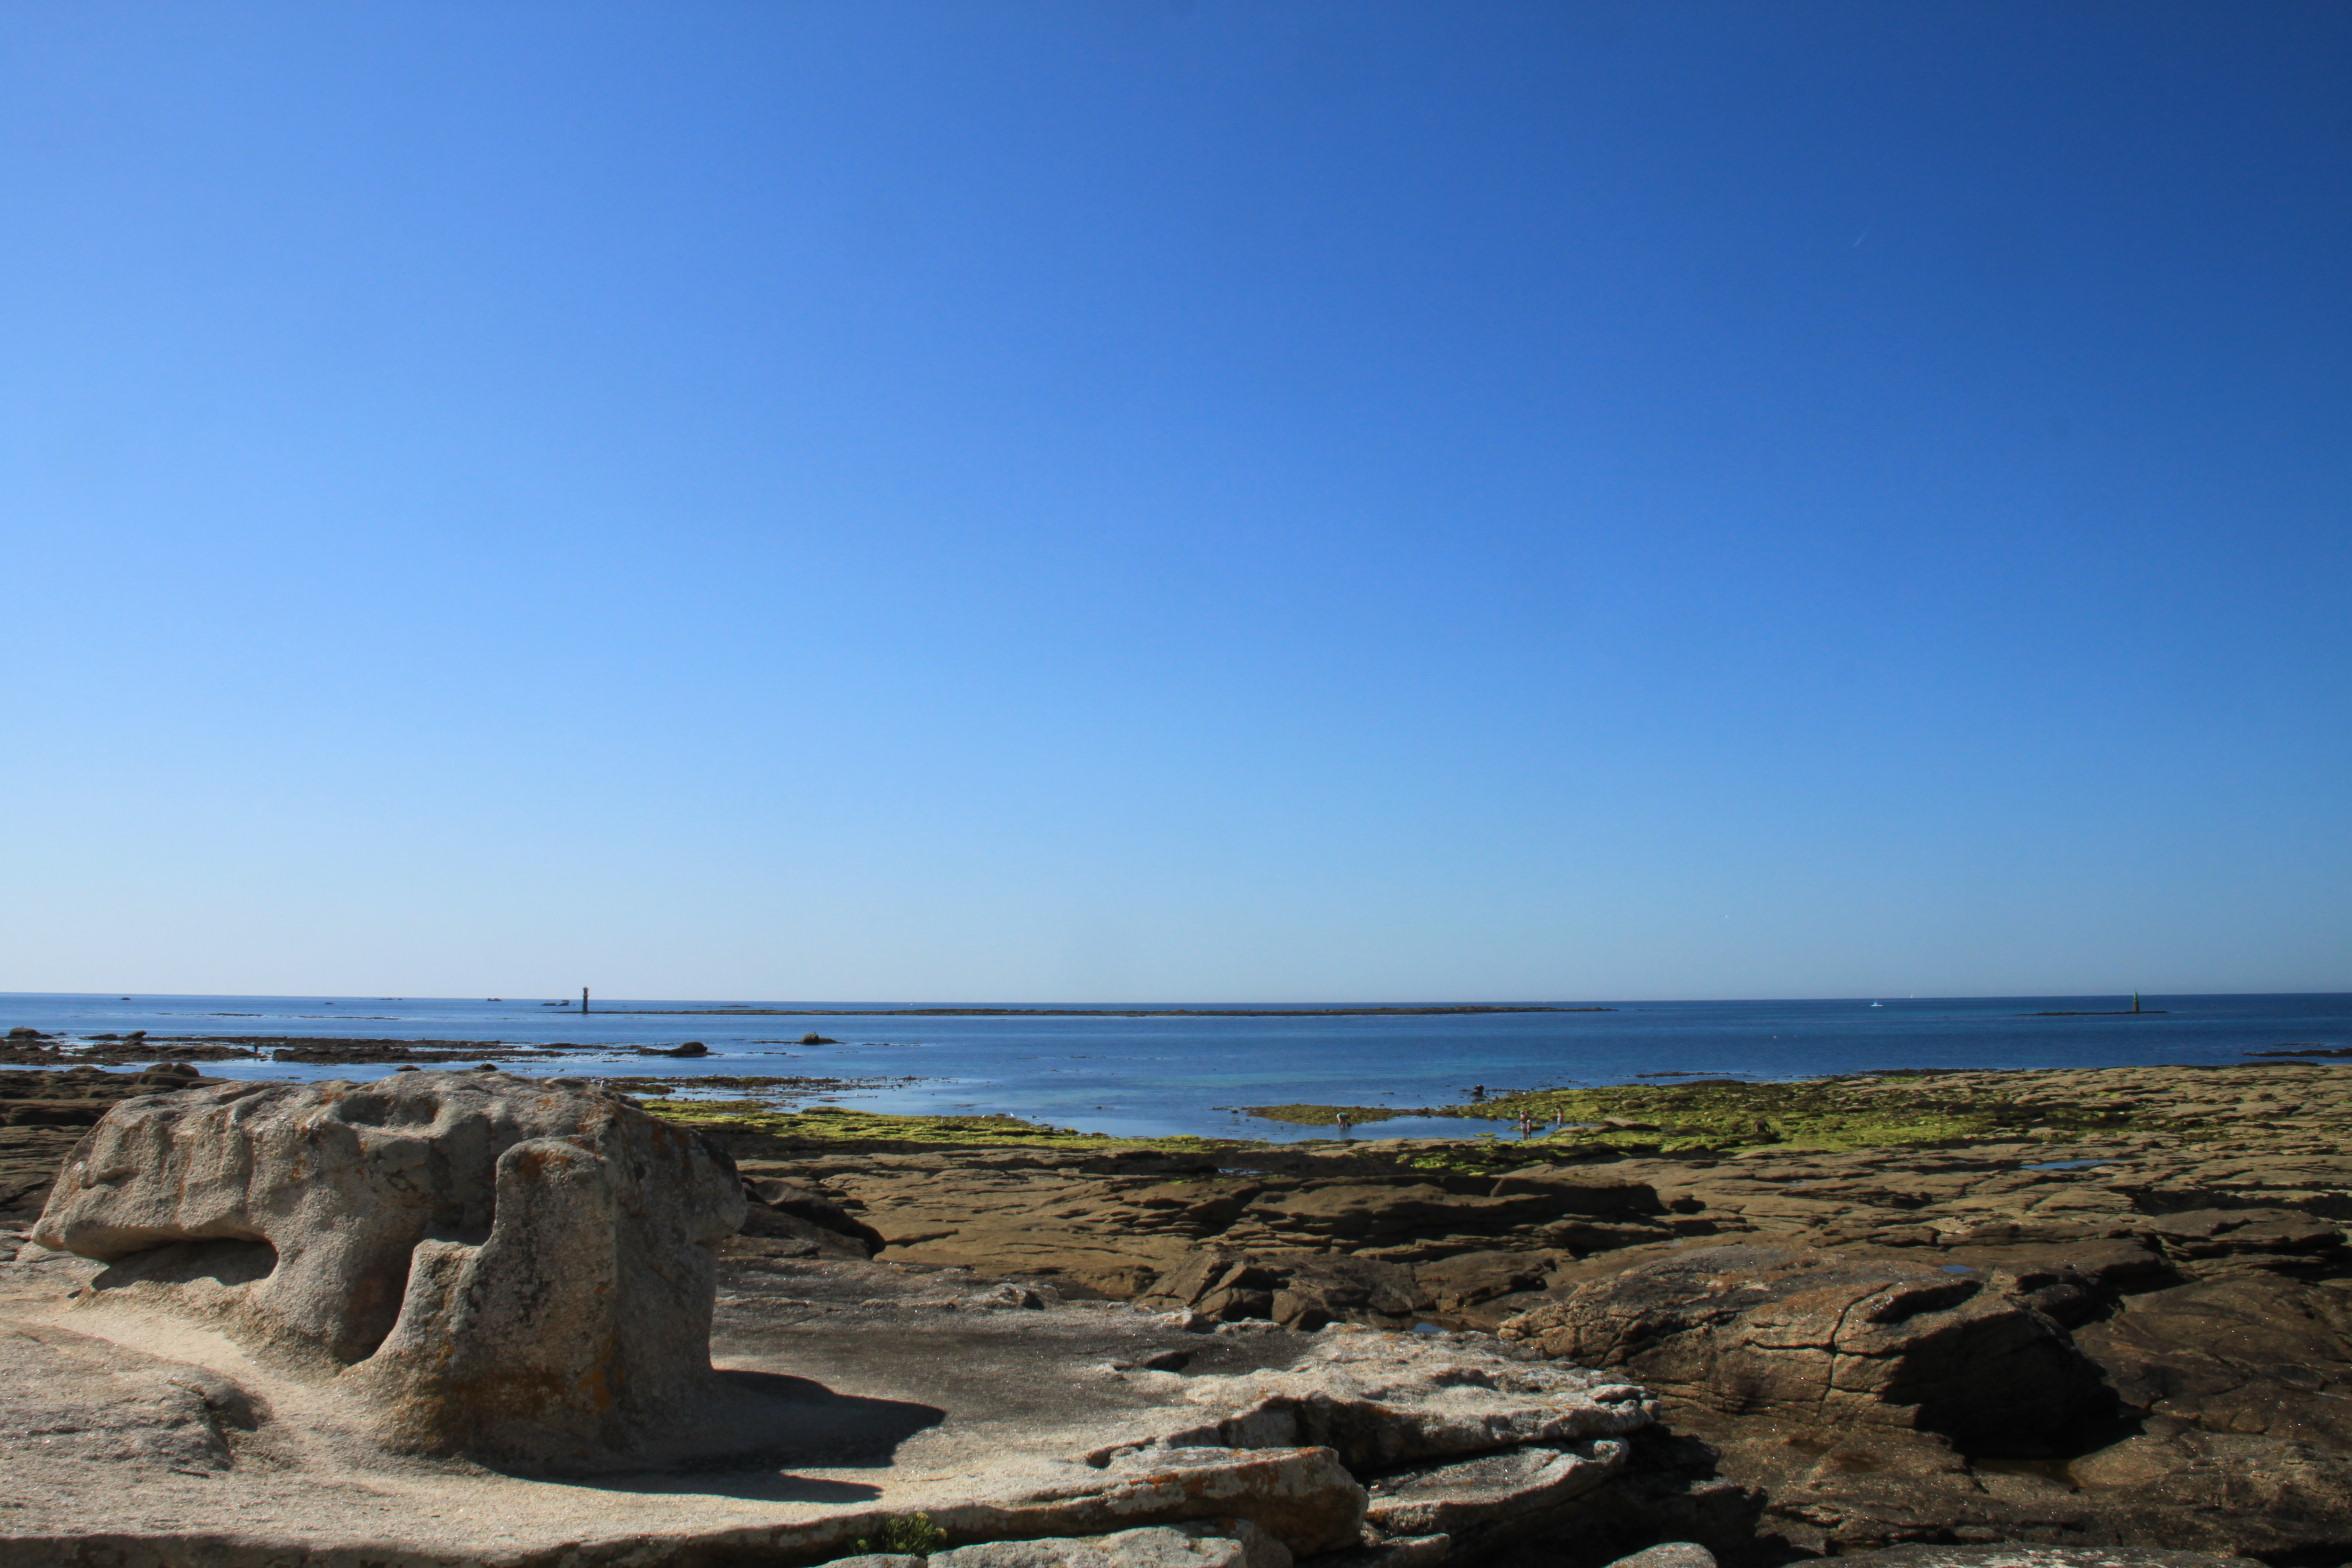 Image Bord De Mer file:bord de mer breton (9614389651) - wikimedia commons